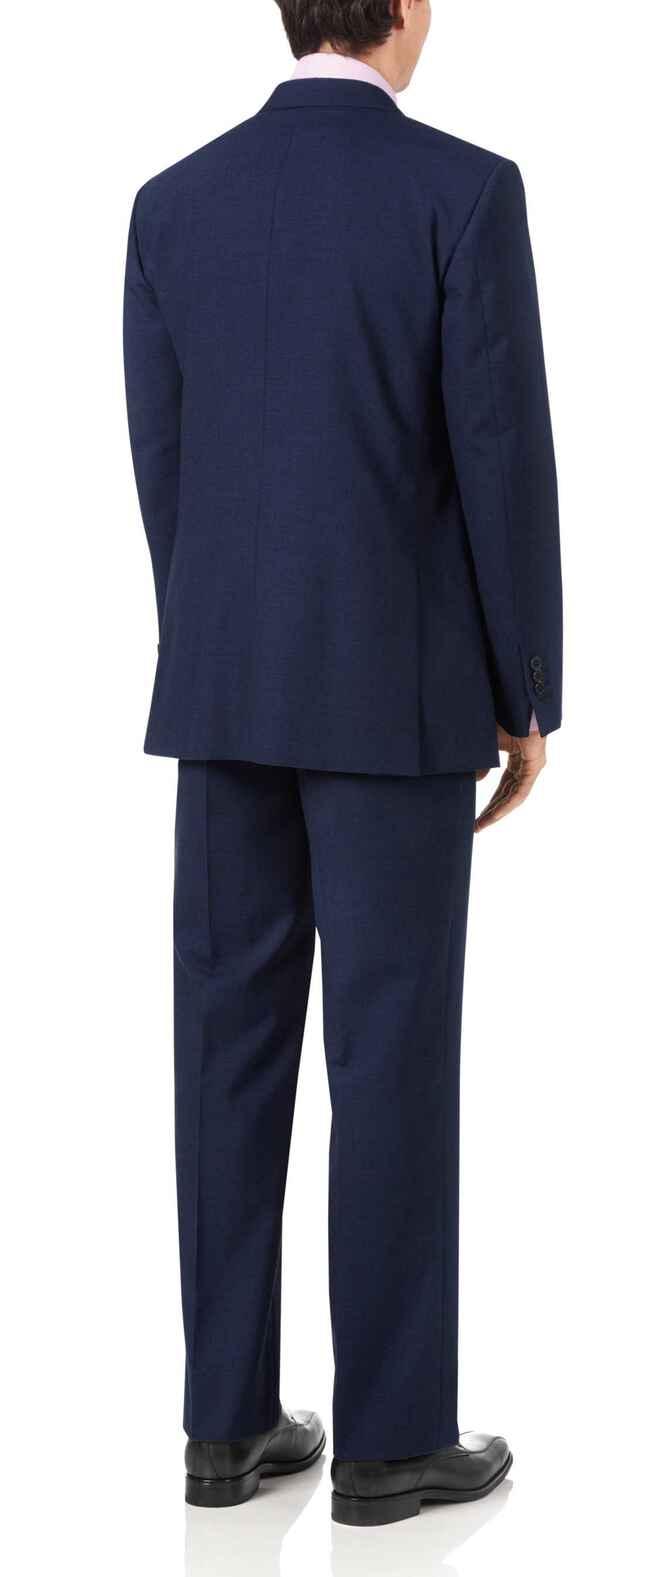 Costume business bleu indigo en Panama coupe droite à pied-de-poule